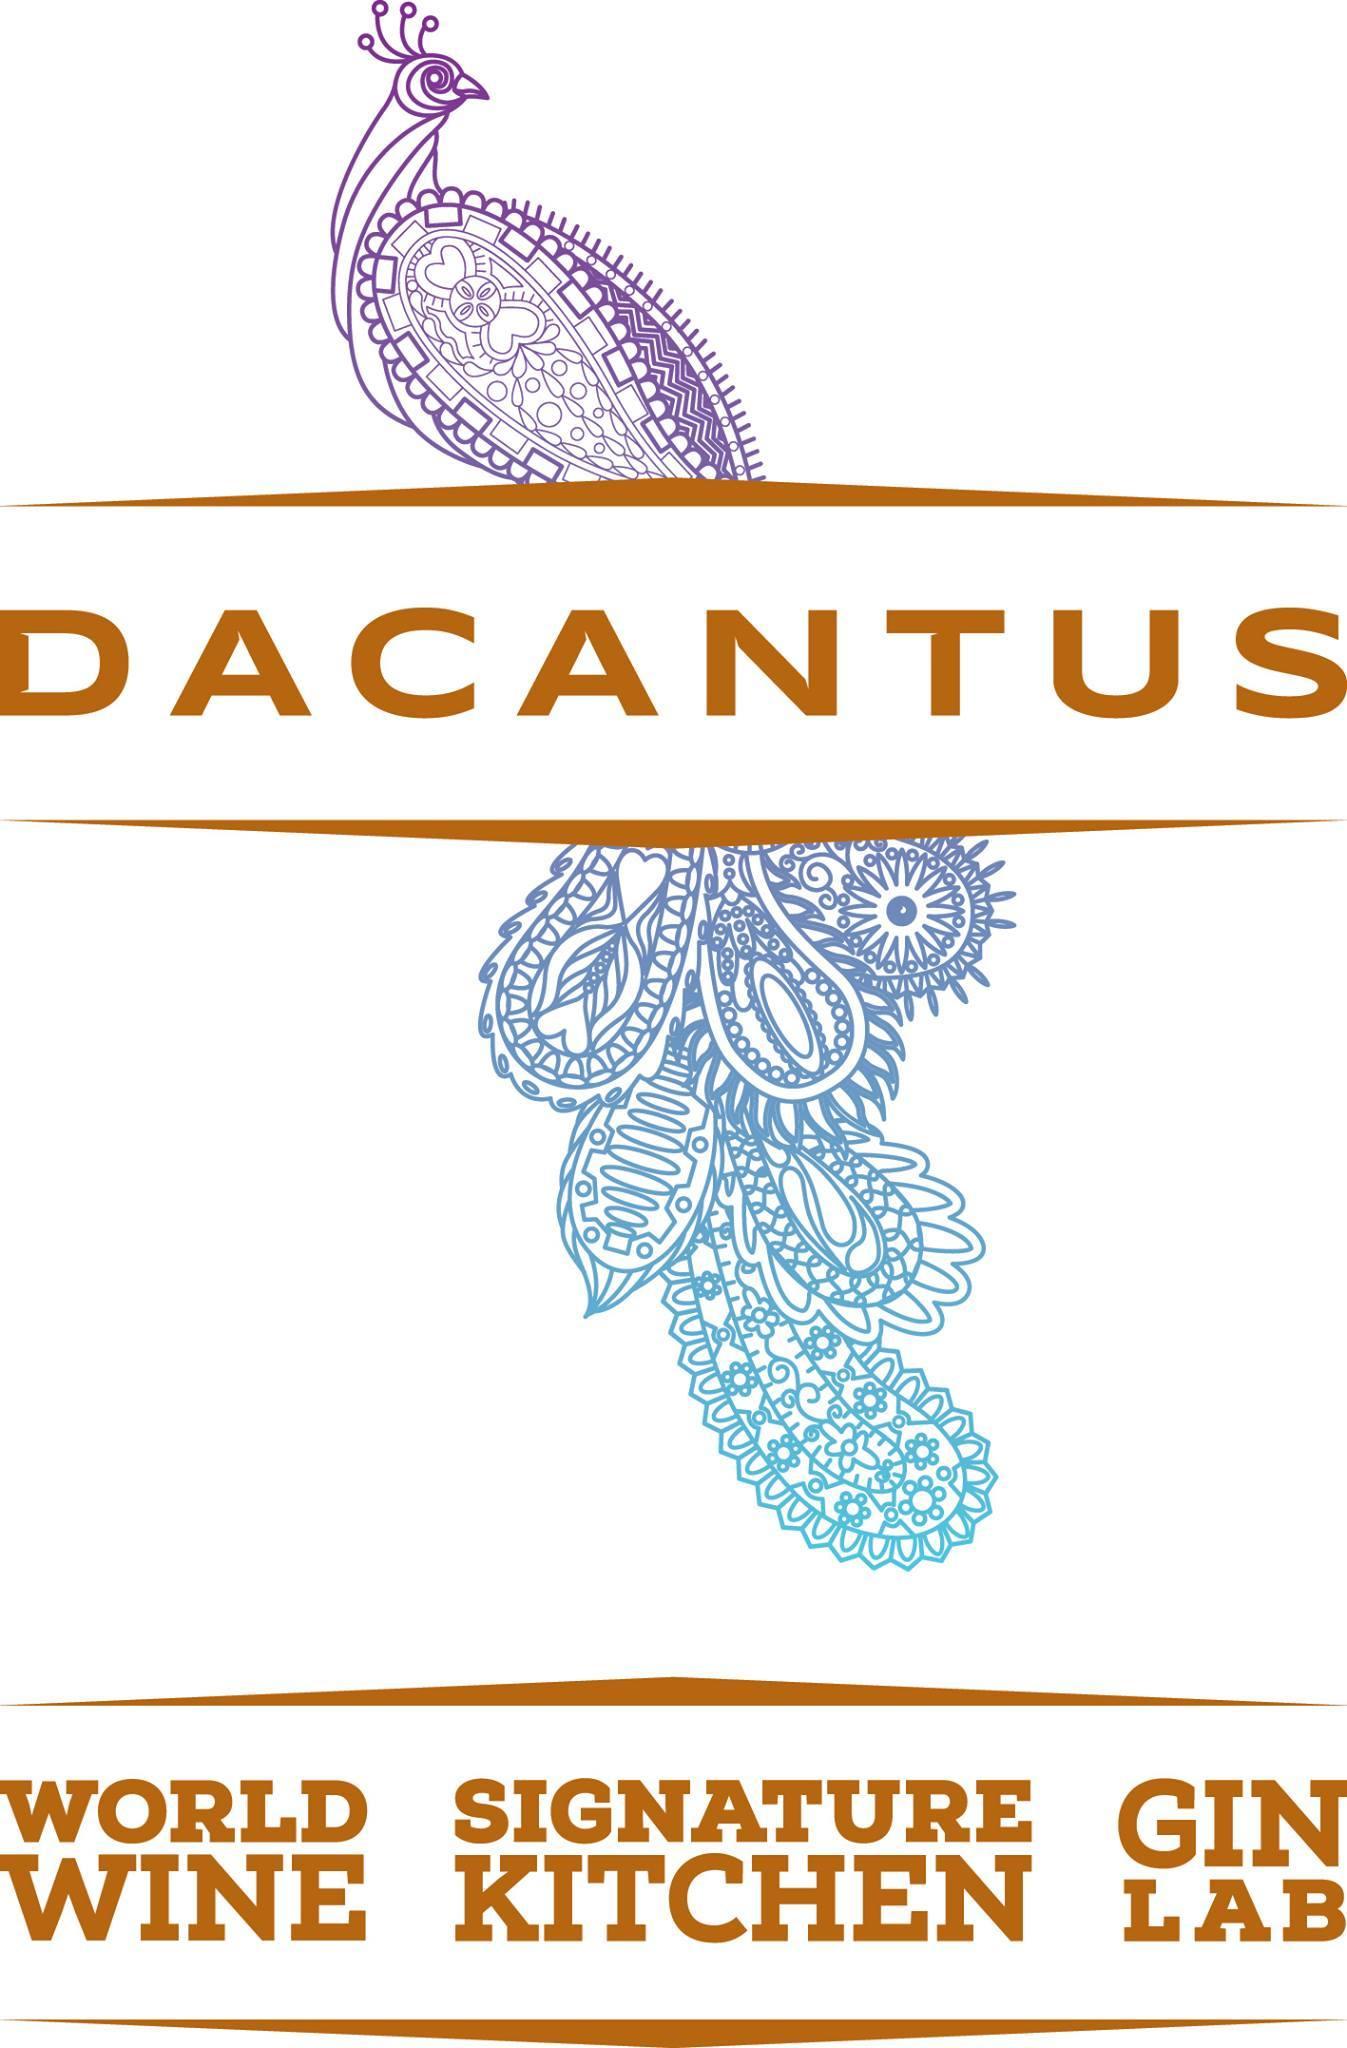 Dacantus